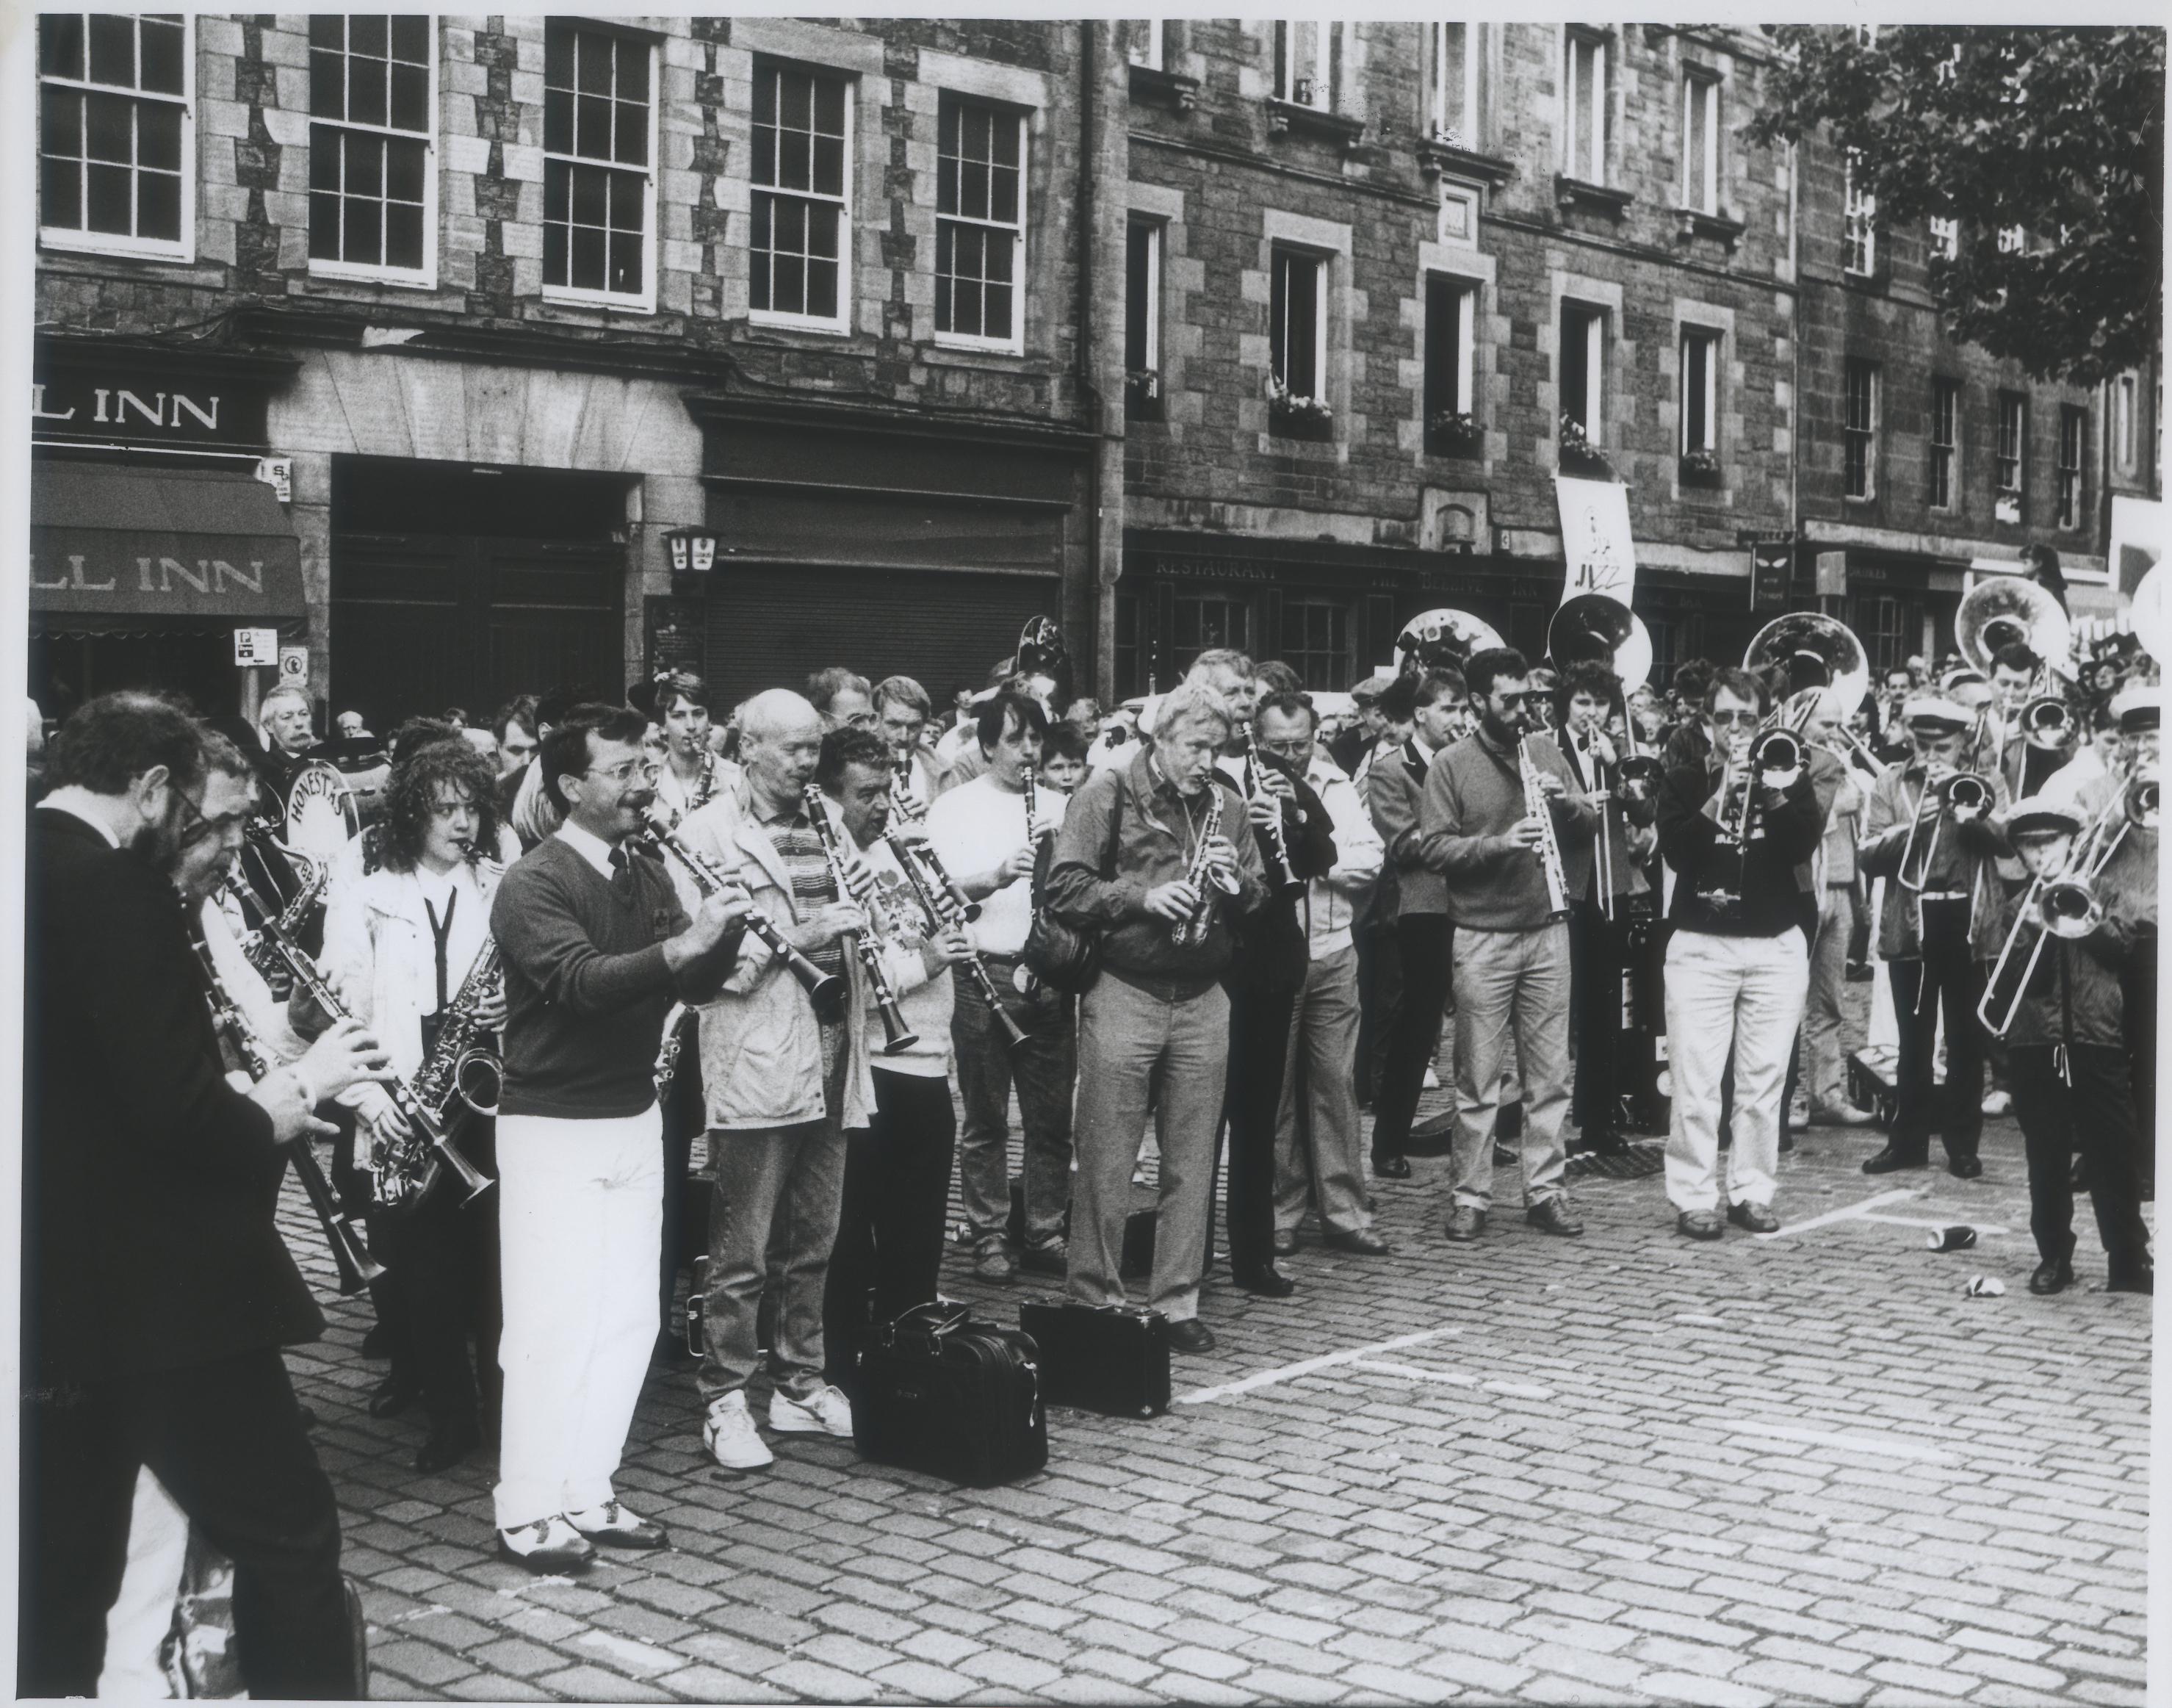 Edinburgh Jazz Festival archive - Recordbreaker photo